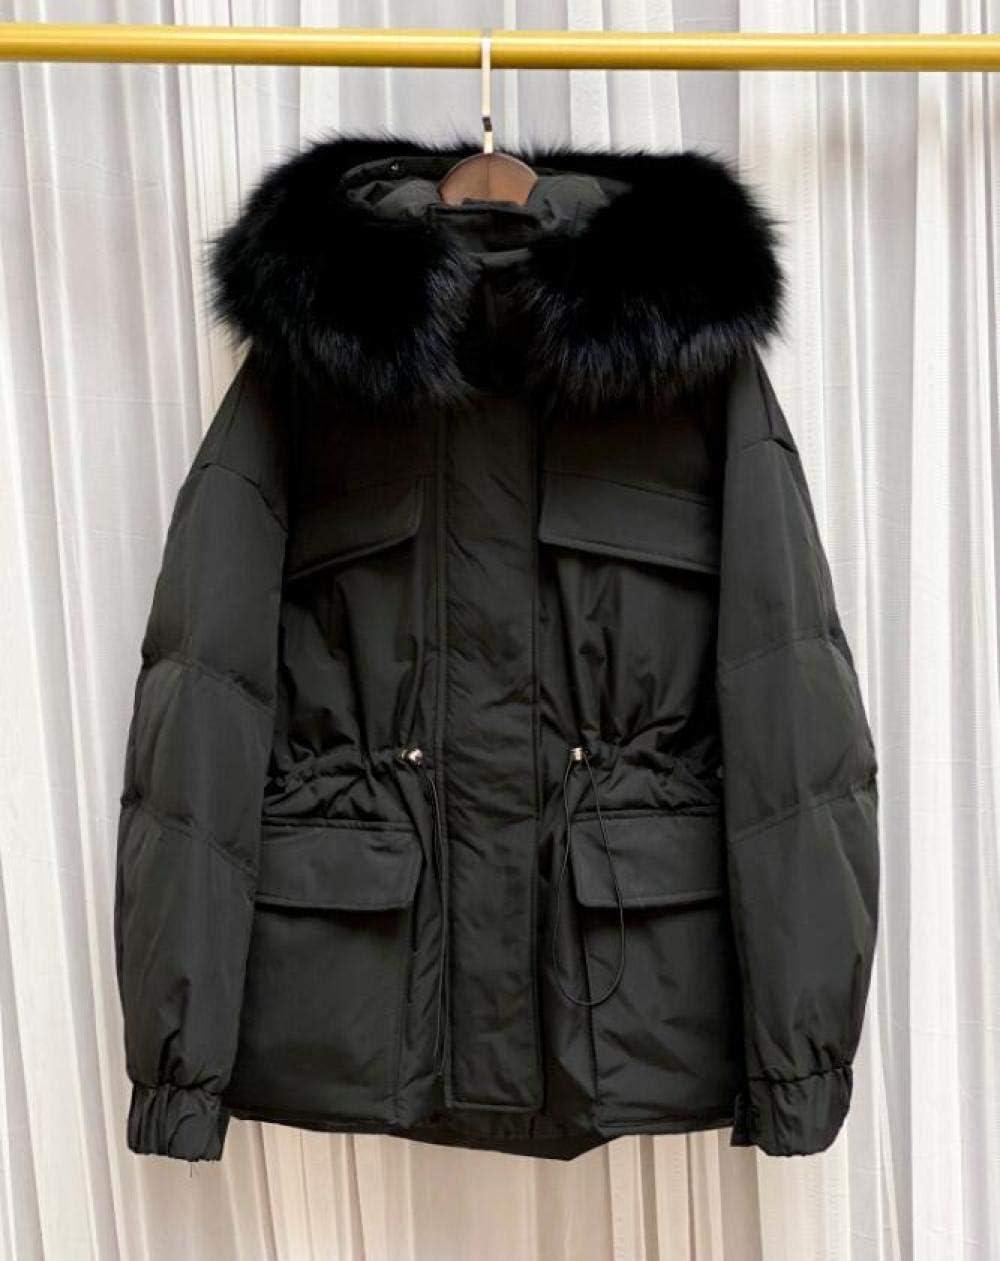 WQDS Chaqueta de Invierno con Capucha para Mujer 90% Chaqueta de plumón de Pato Blanco Abrigo Grueso para Mujer-Pelaje de Zorro_50